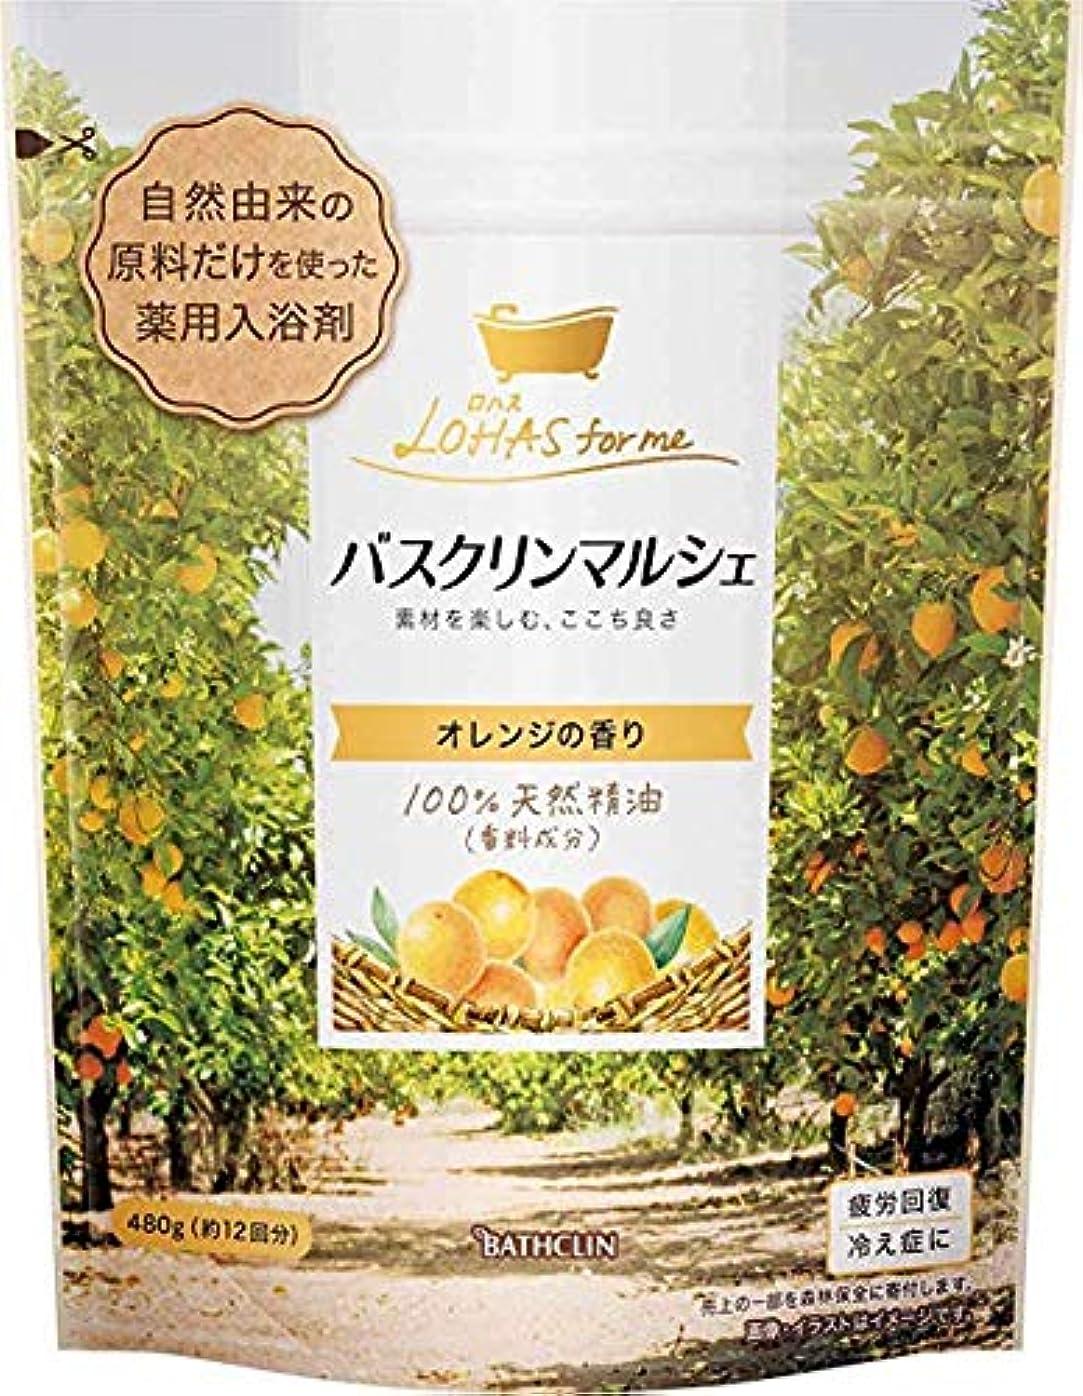 類推迷路チェリー【合成香料無添加/医薬部外品】バスクリンマルシェオレンジの香り480g入浴剤